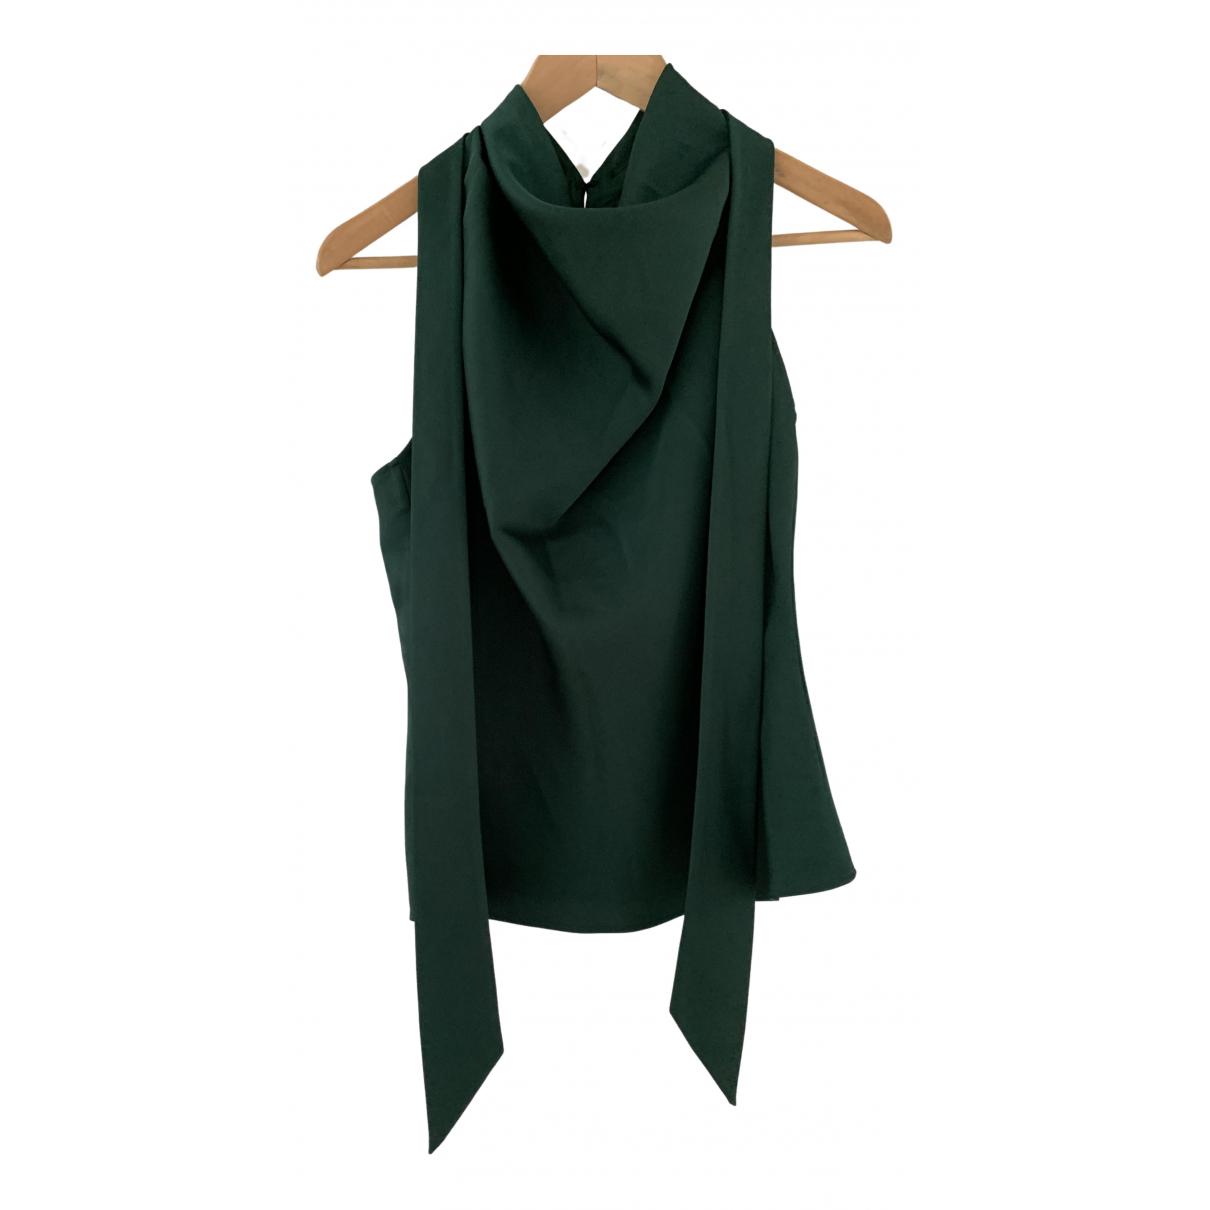 Reiss - Top   pour femme - vert